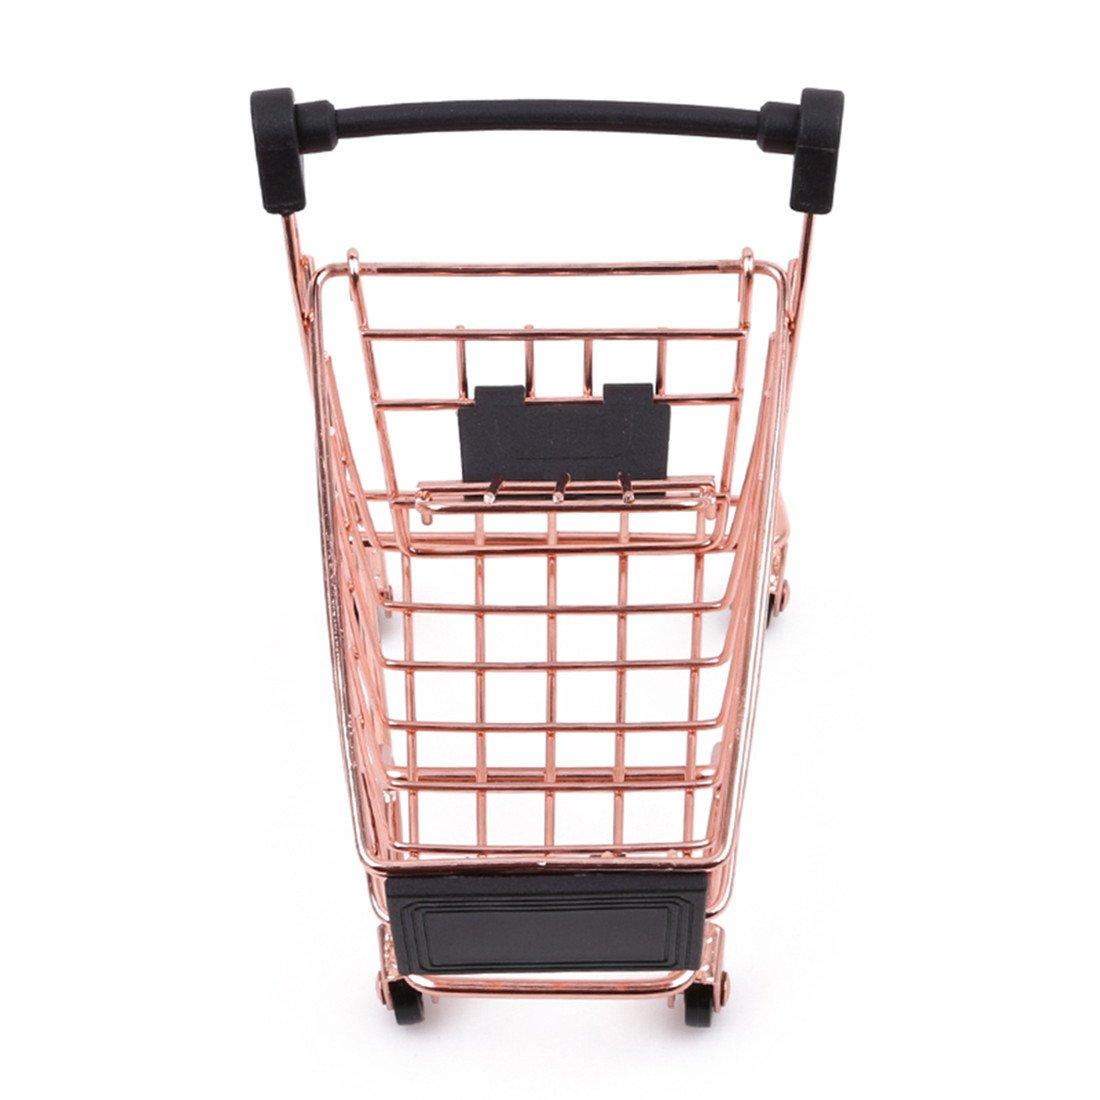 Yesiidor Mini supermarch/é Shopping Cart chariot utilitaire Mode Coffre de rangement chariot pour animal domestique Oiseau Parrot Hamster jouet Fer dor/é As description